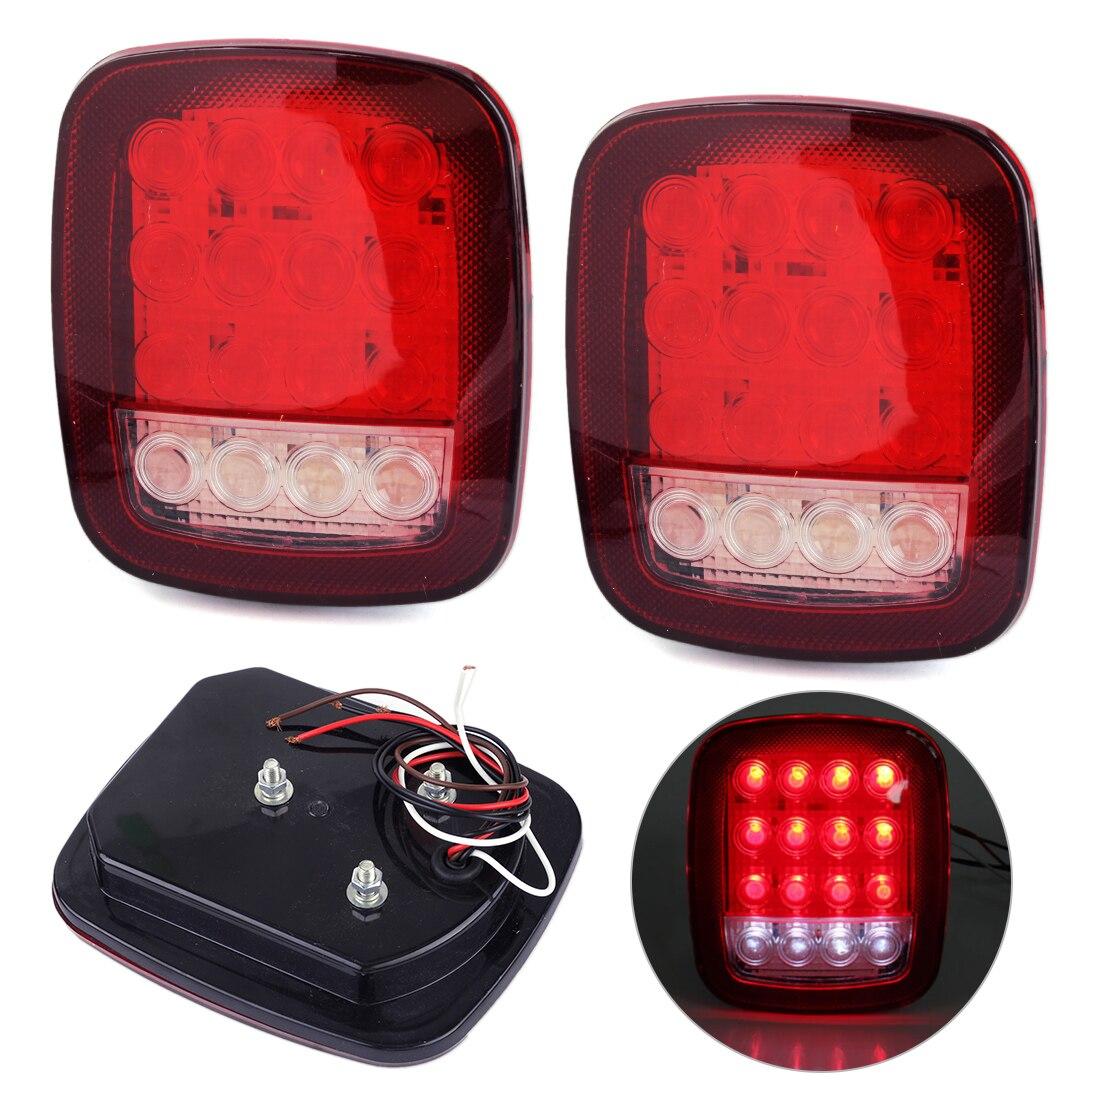 белер 2шт/комплект 16 LED Универсальный красный и белый 12V грузовик прицеп остановить лодку, поджав хвост Резервное копирование Обратный свет лампы Водонепроницаемый Пылезащитный